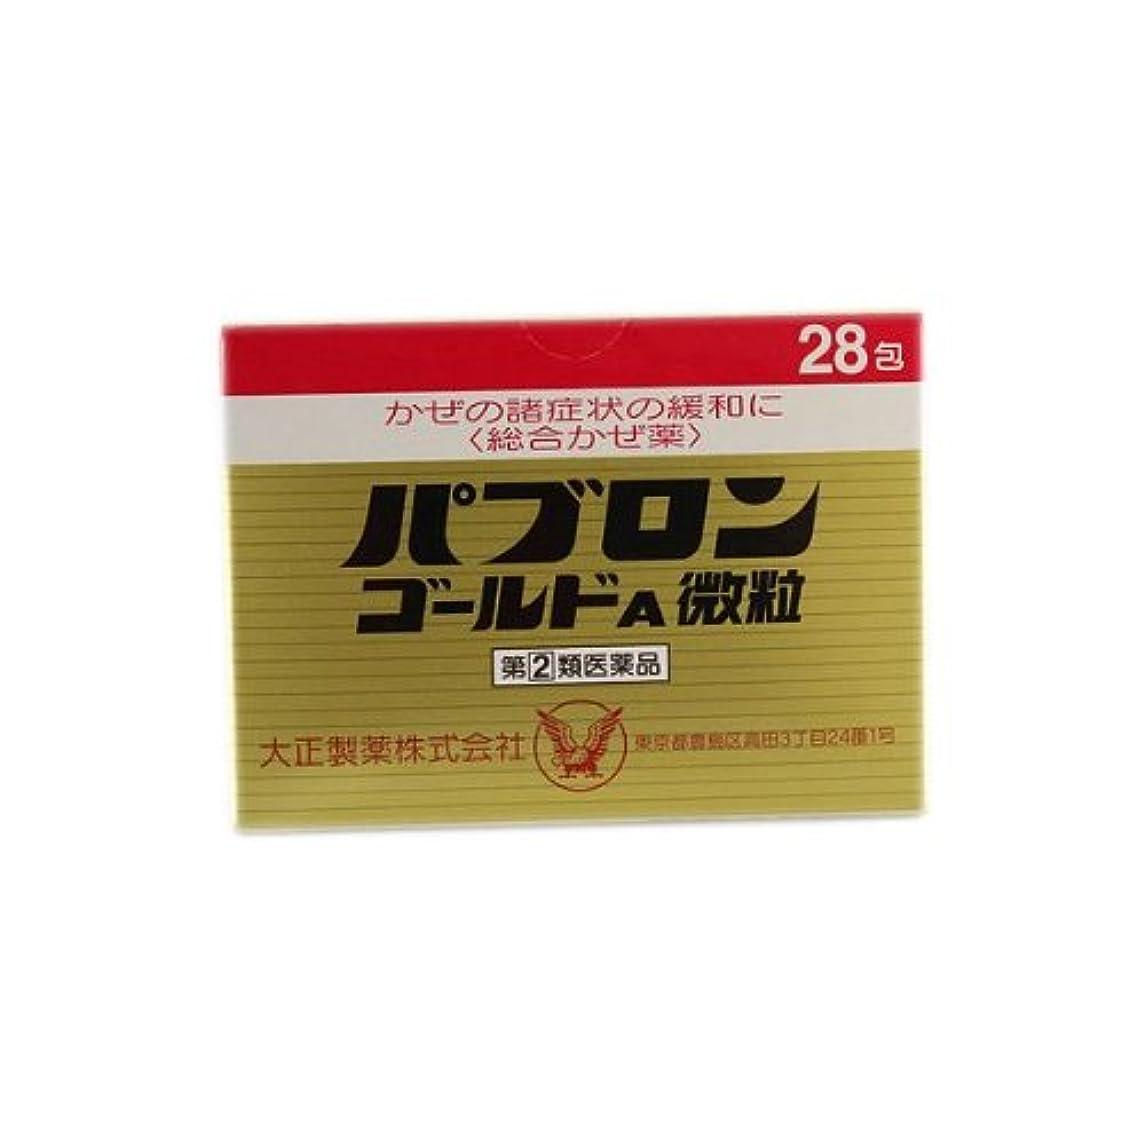 ペレット特殊差【指定第2類医薬品】パブロンゴールドA微粒 28包